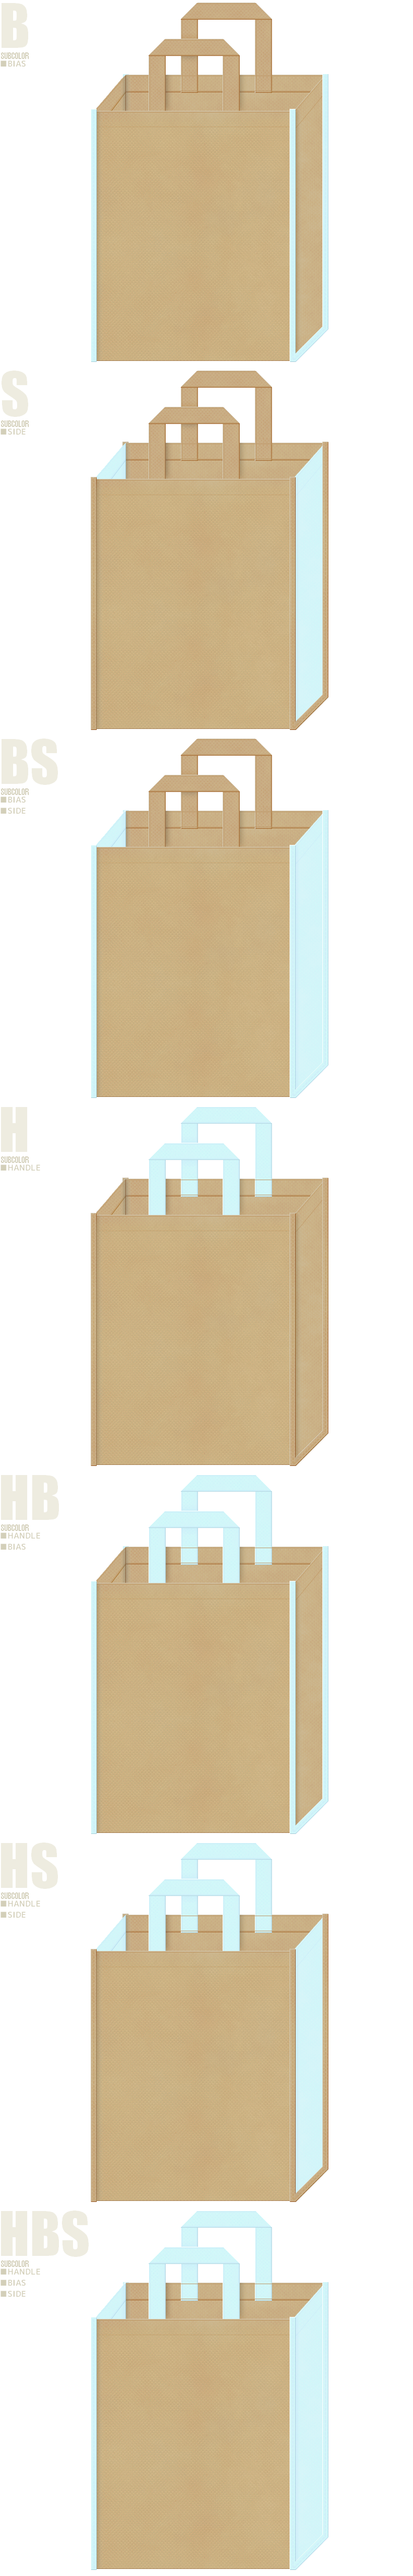 カーキ色と水色、7パターンの不織布トートバッグ配色デザイン例。girlyな不織布バッグにお奨めです。